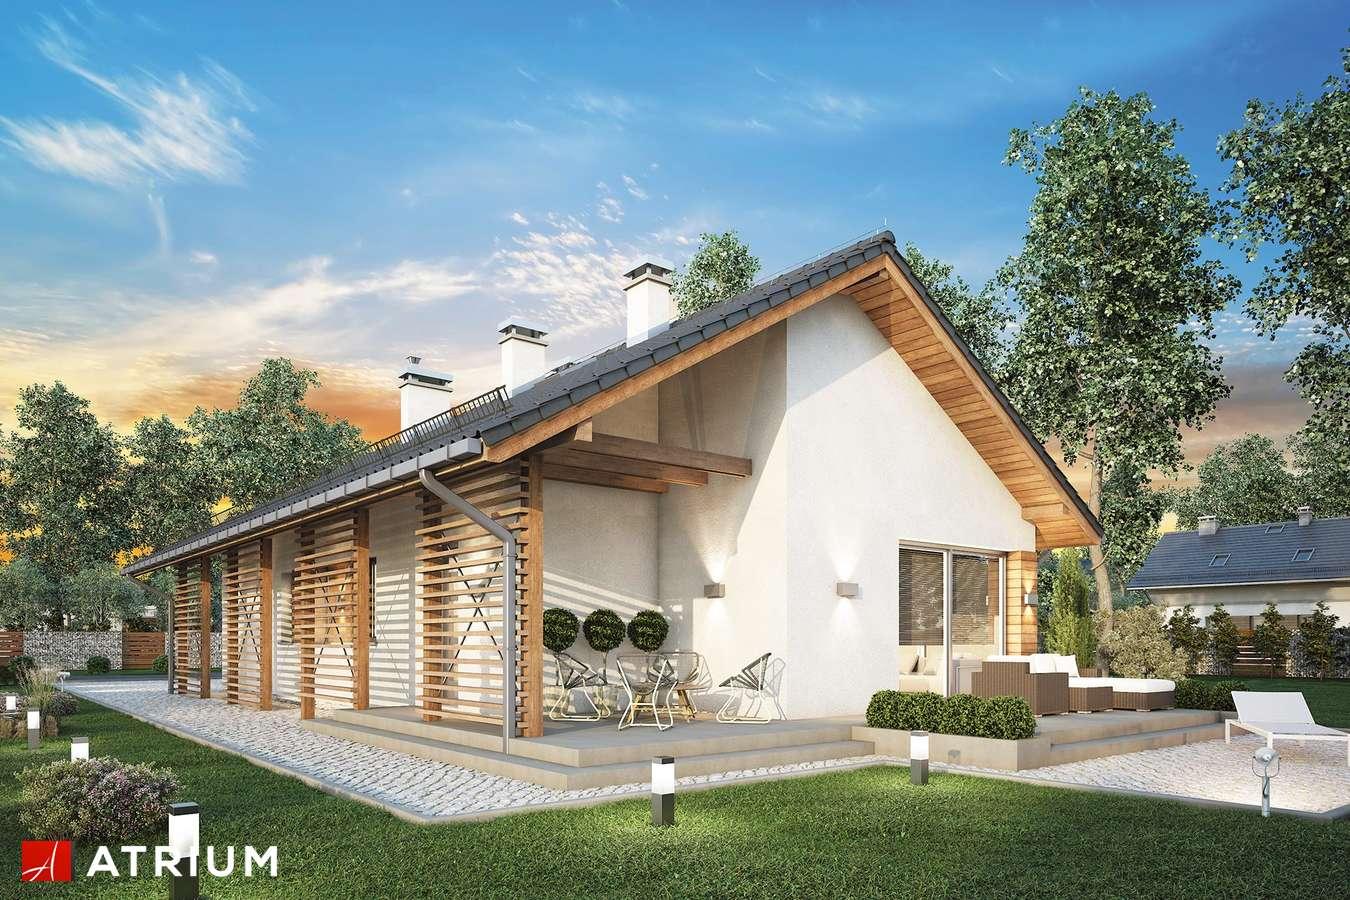 Projekty domów - Projekt domu parterowego OLIMPIA II - wizualizacja 1 - wersja lustrzana